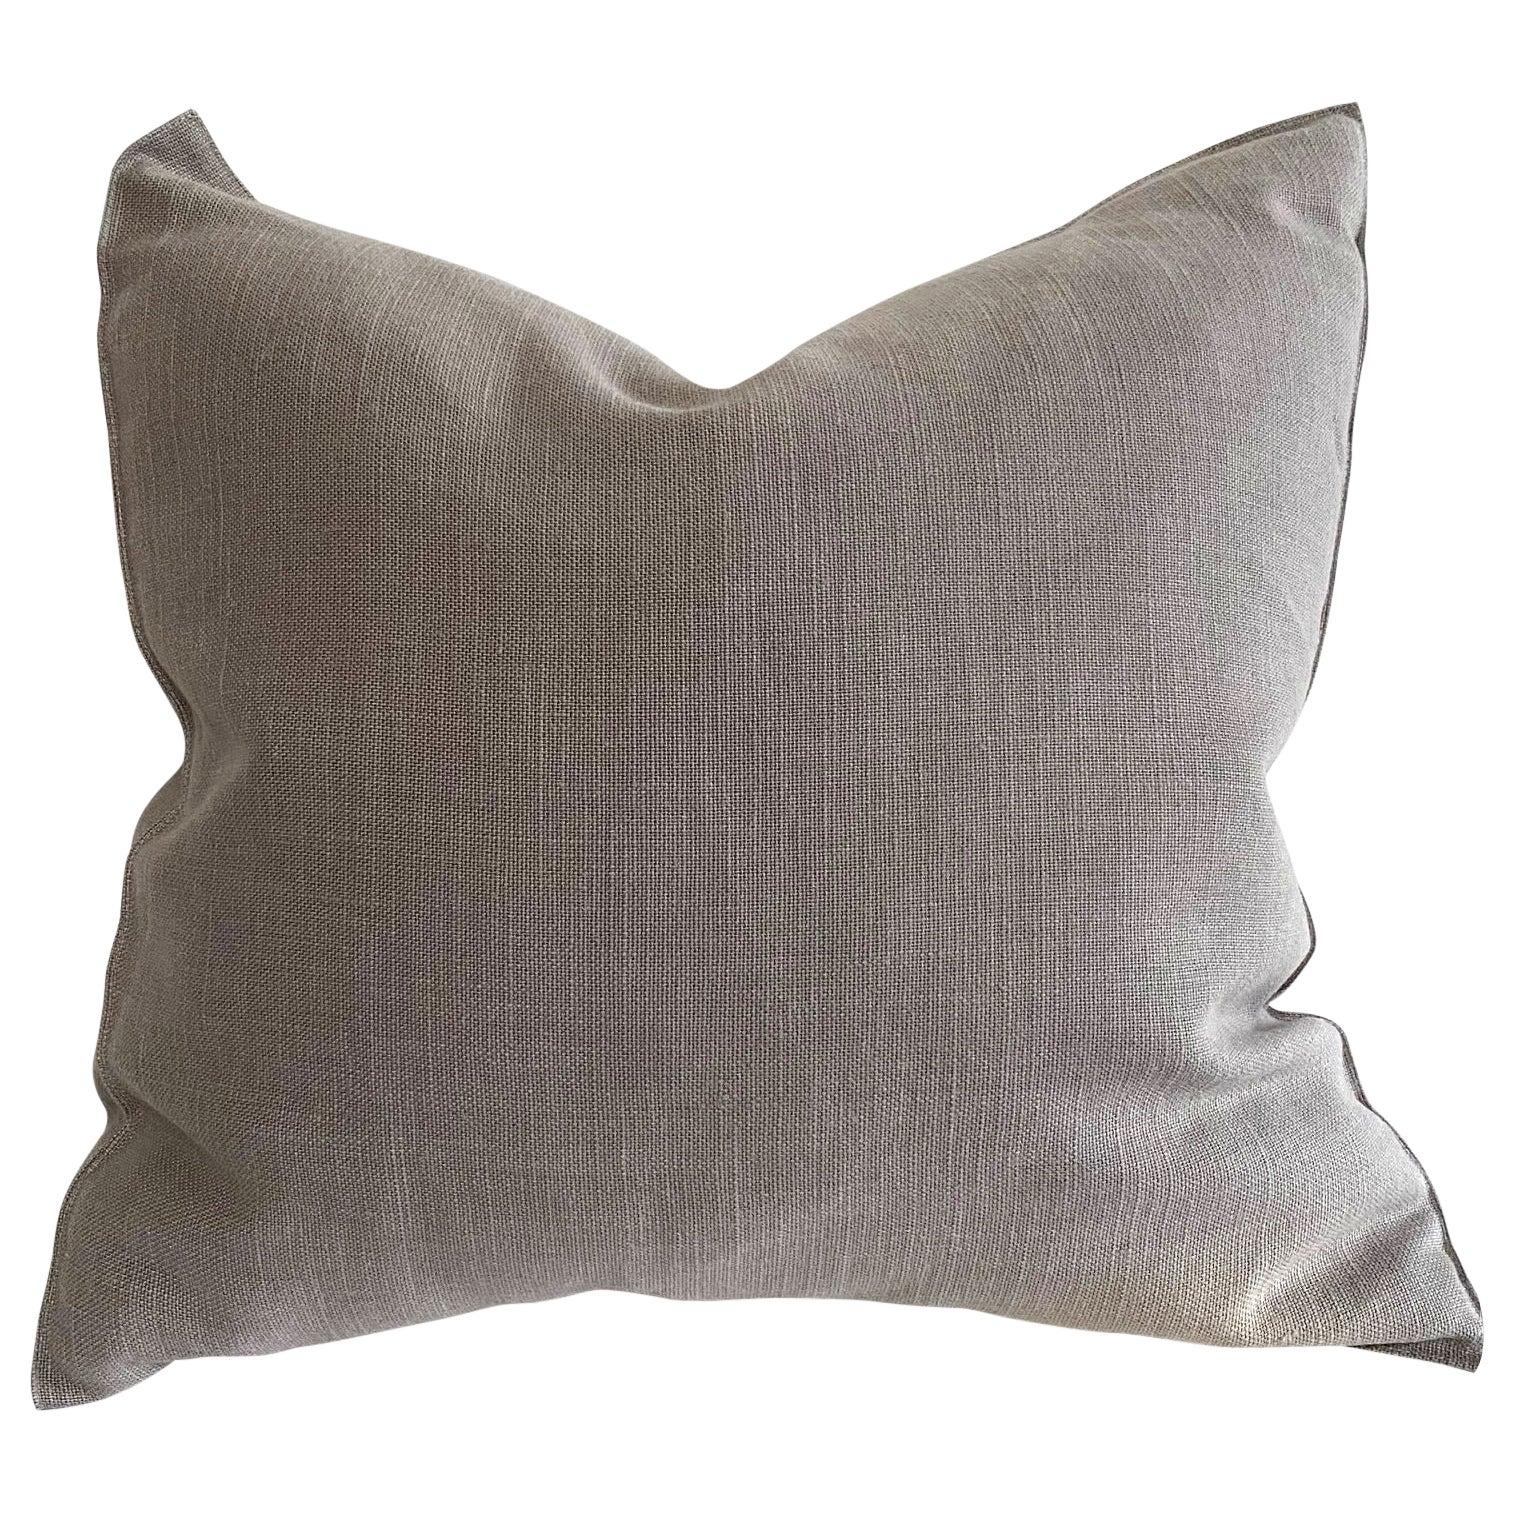 Stone Gray Belgian Linen Accent Pillow